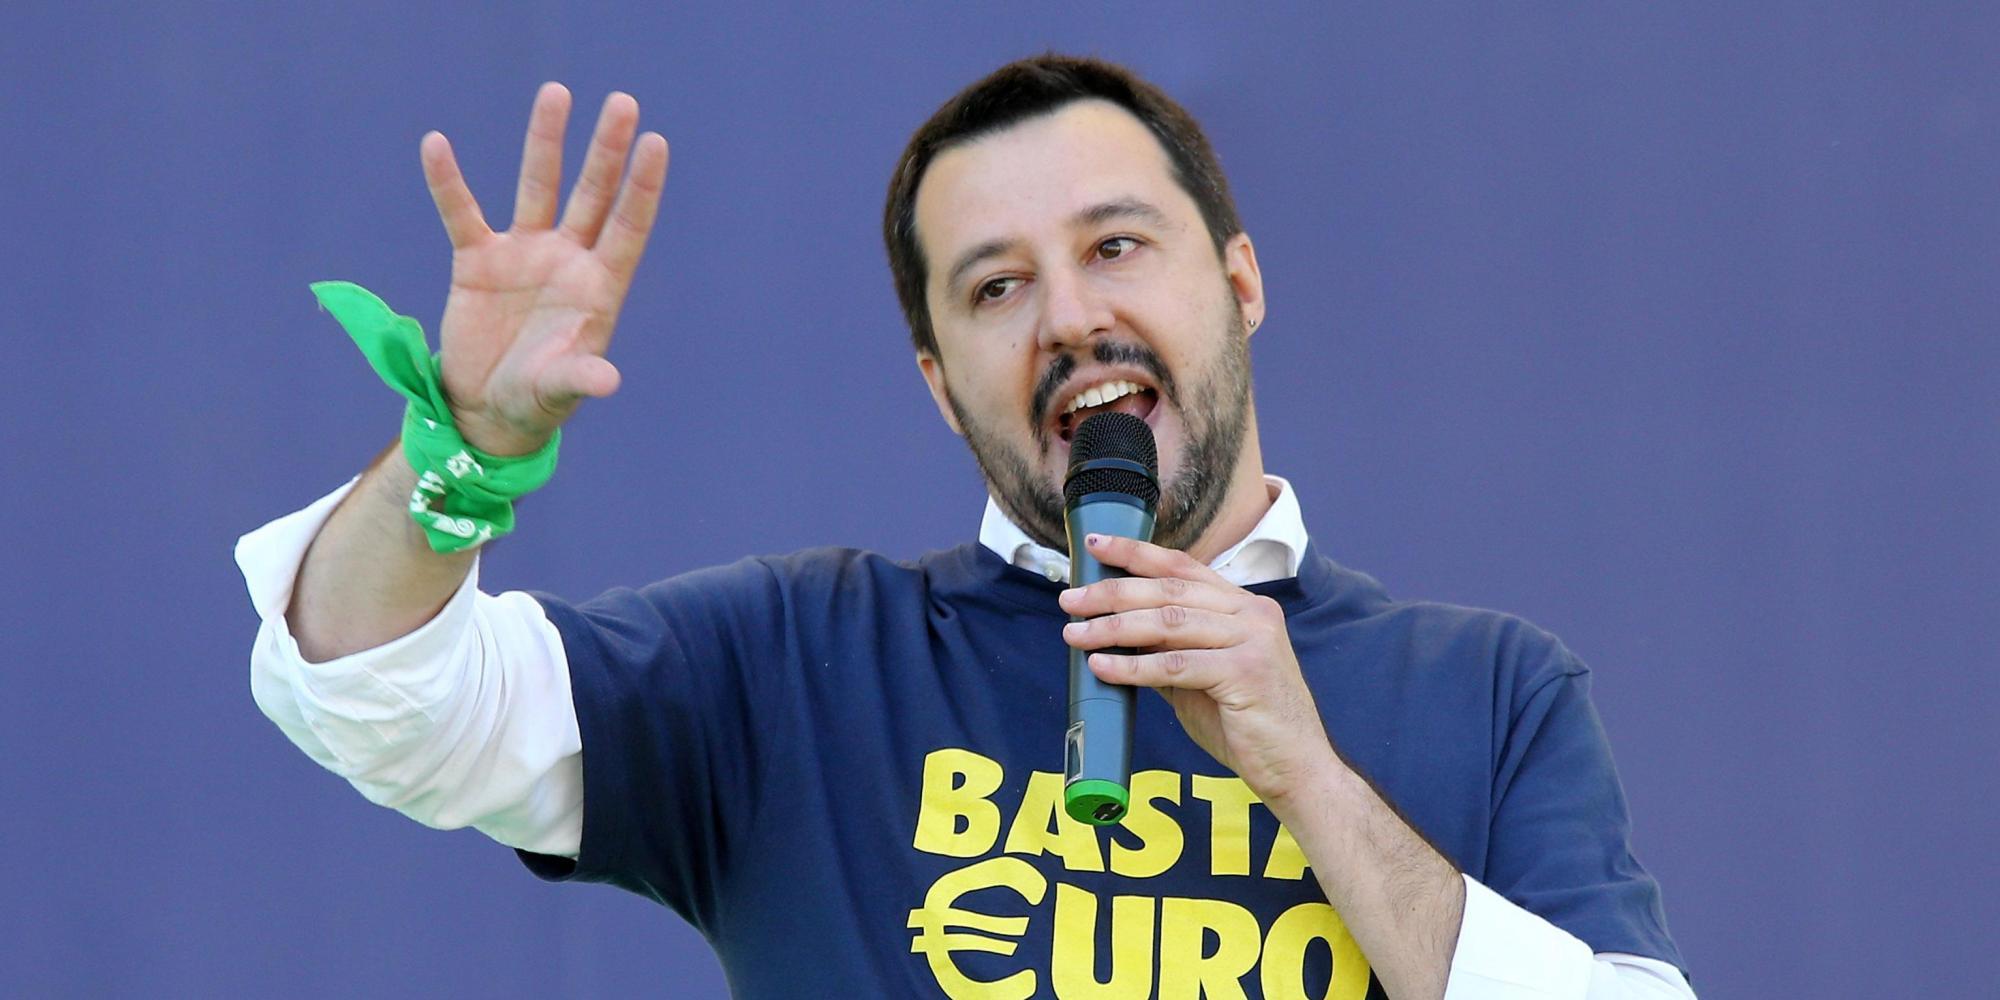 """Elezioni Comunali, la Lega affossa Fi. Salvini: """"Abbiamo triplicato i consensi in soli due anni. Toti (Fi): """"Il partito deve essere commissariato"""